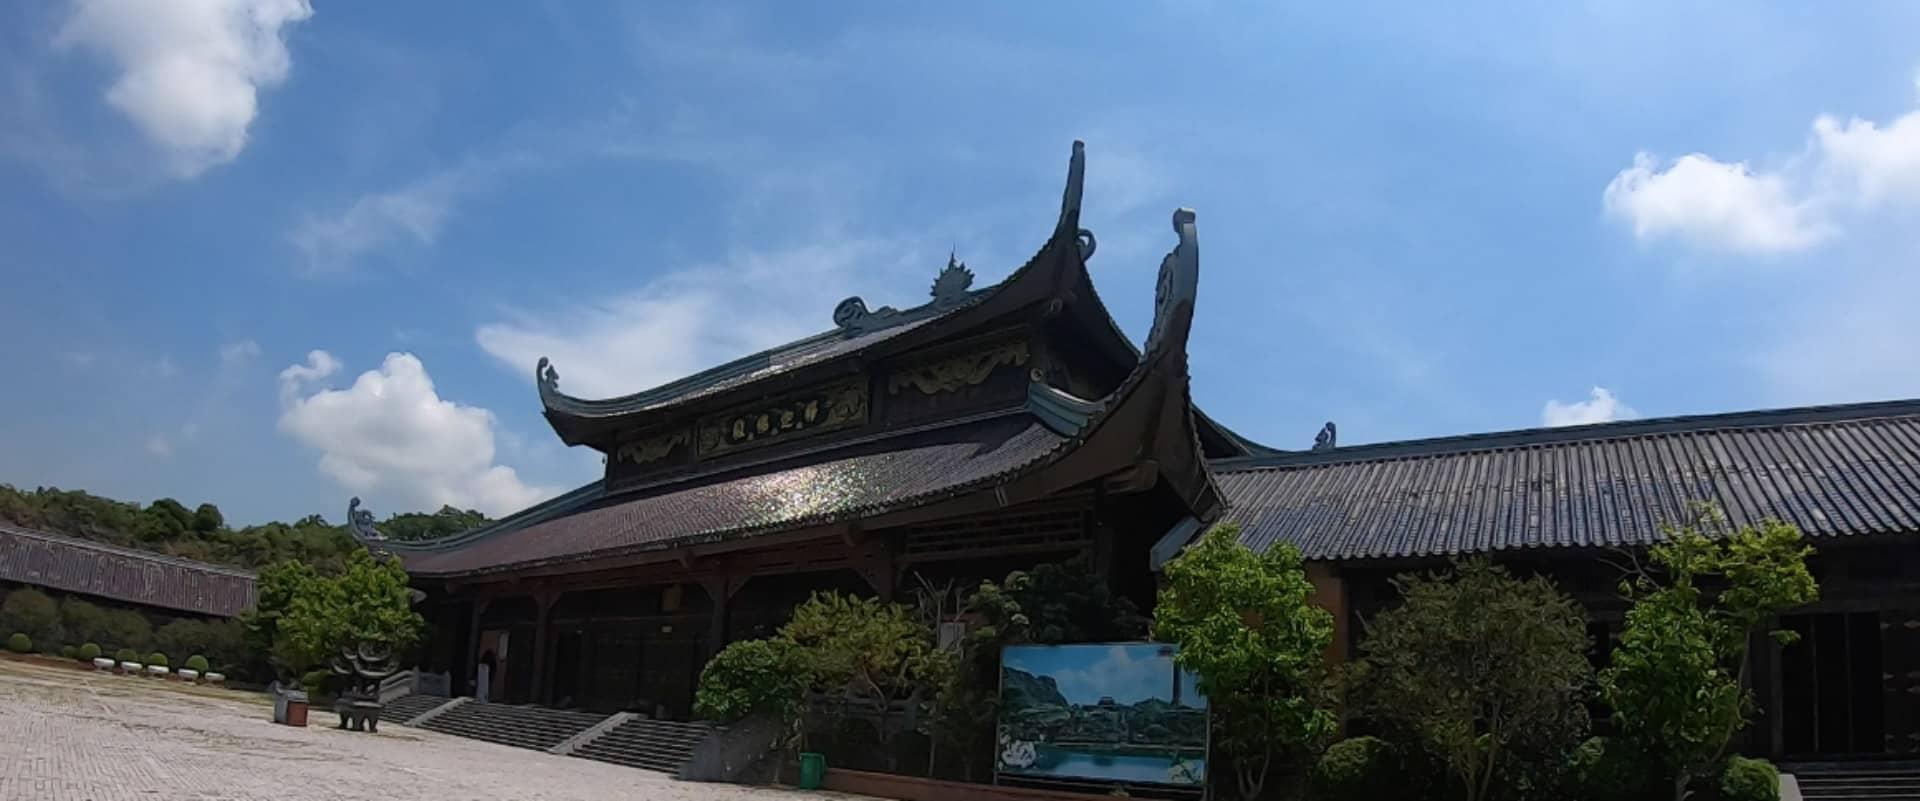 la pagode Bai Dinh